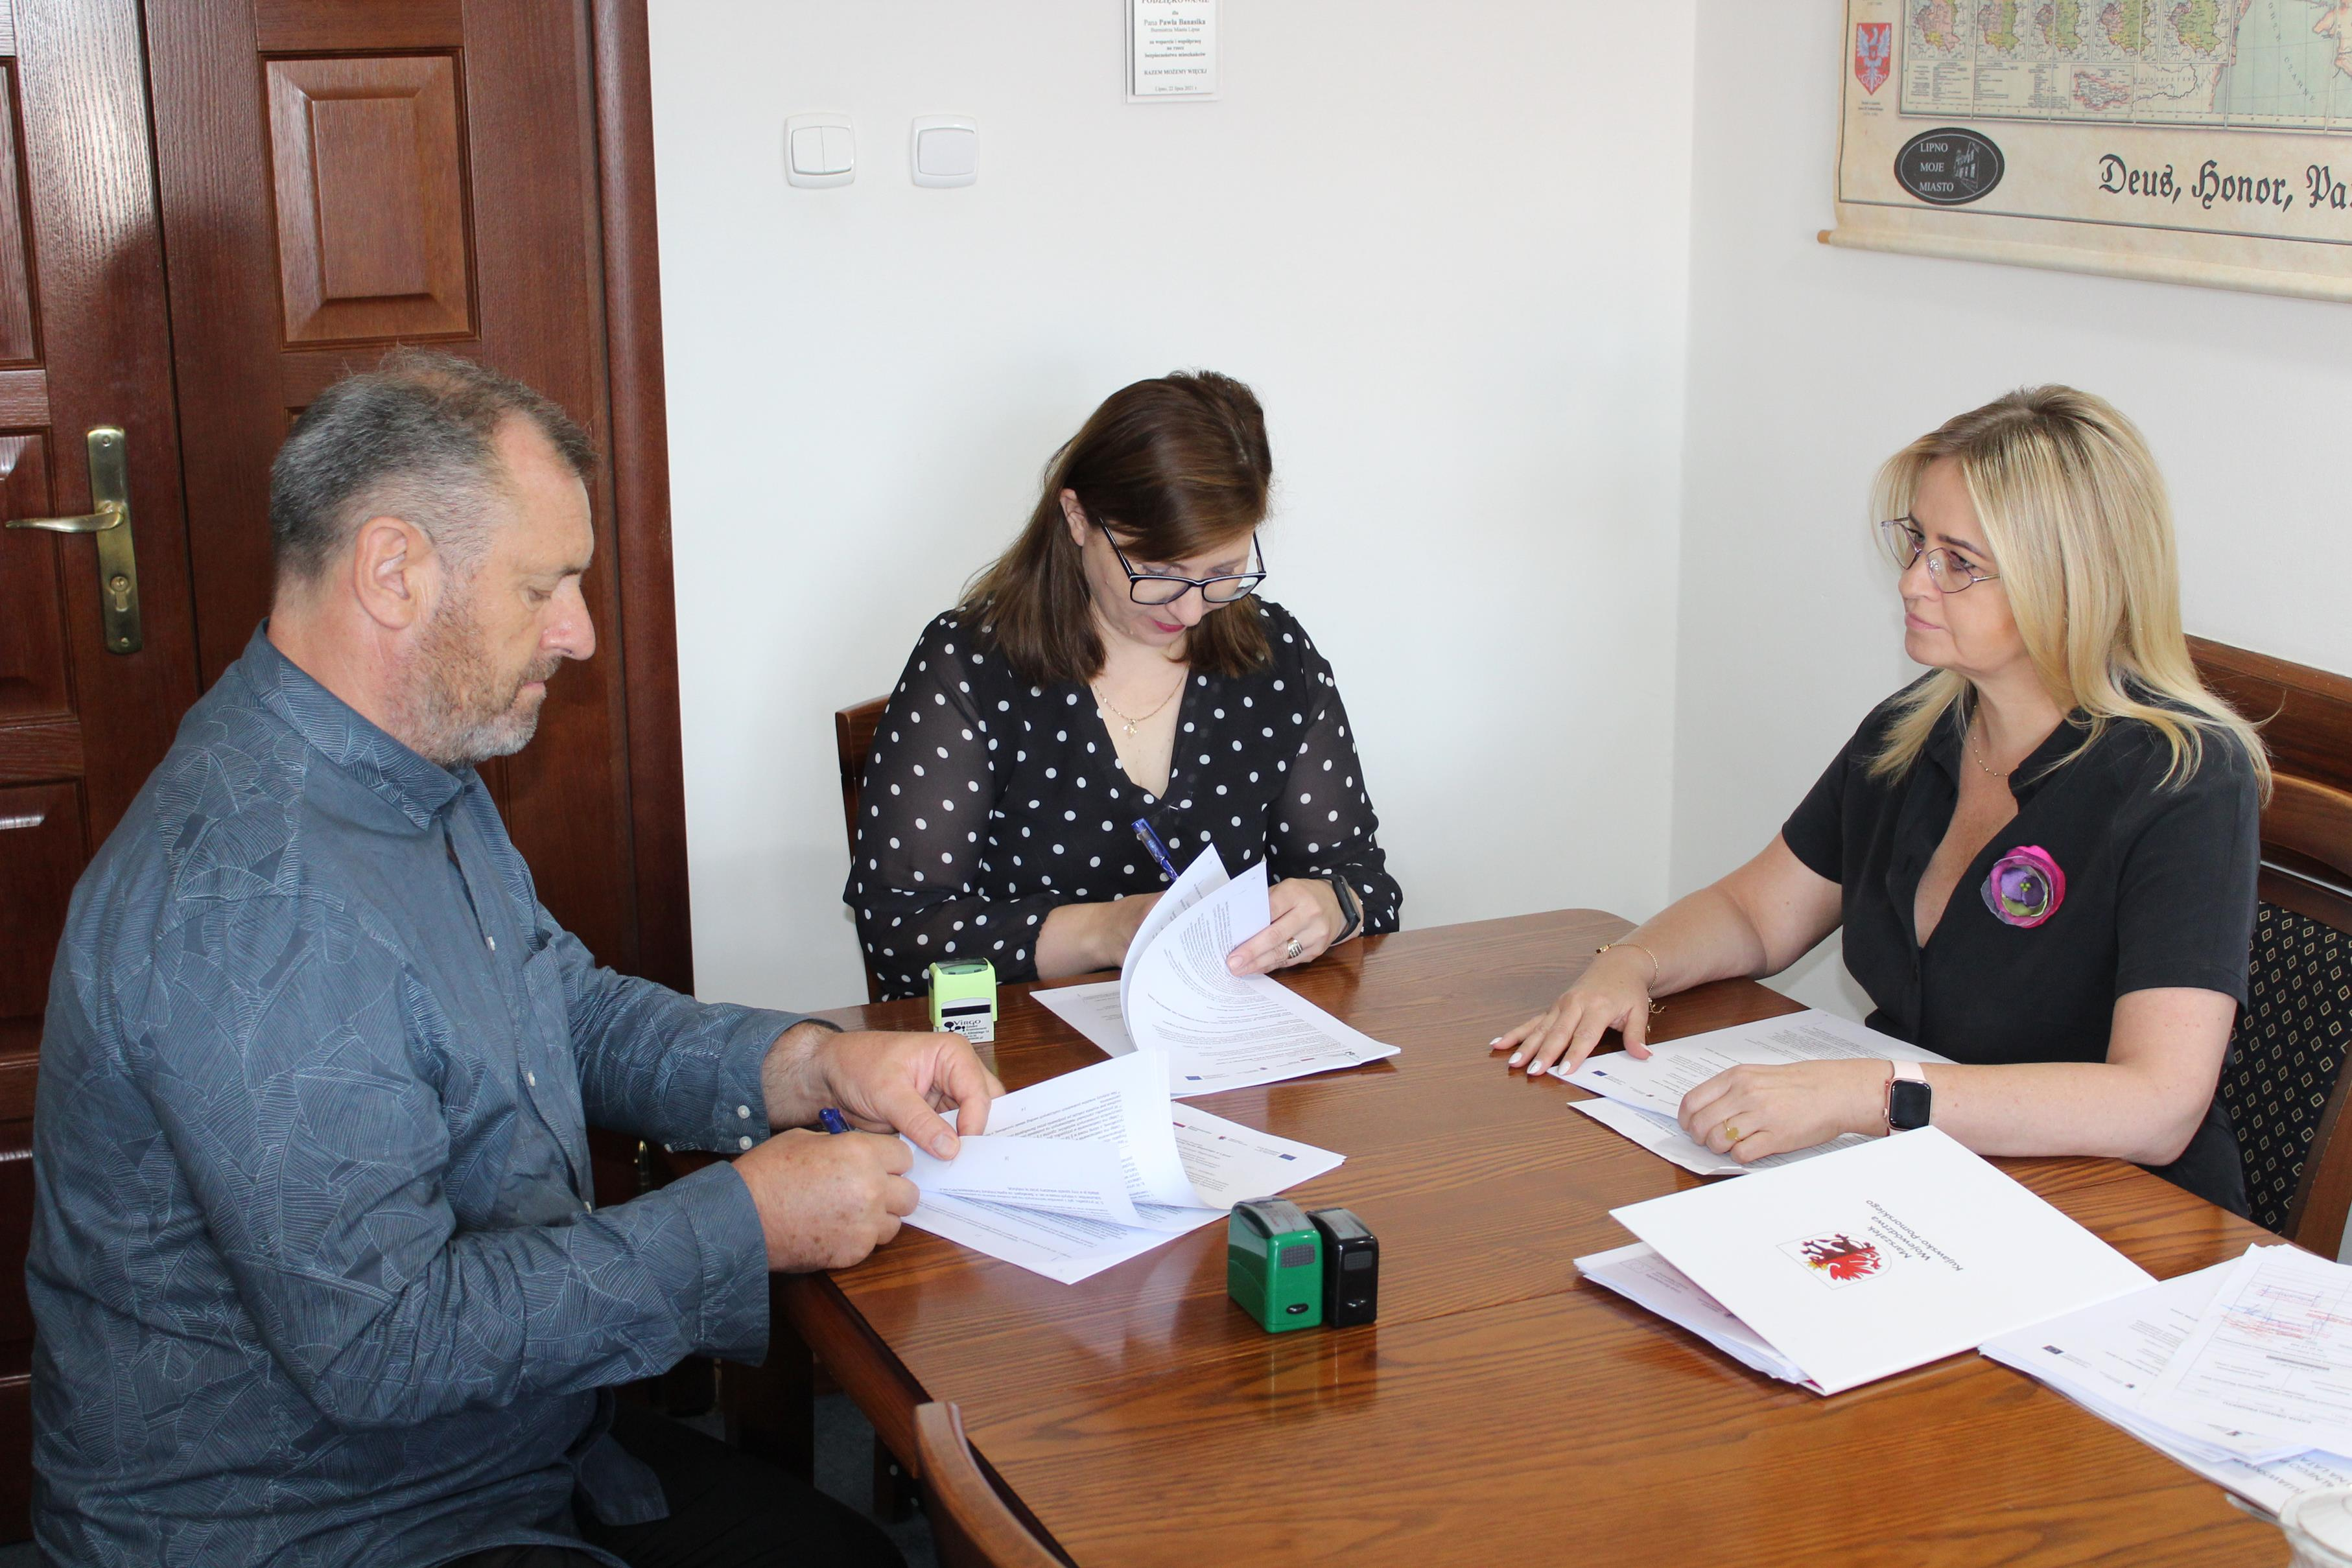 Burmistrz Miasta Lipna Paweł Banasik przy kontrasygnacie Skarbnik Miasta Marioli Michalskiej podpisał umowy na dofinansowanie realizacji projektów